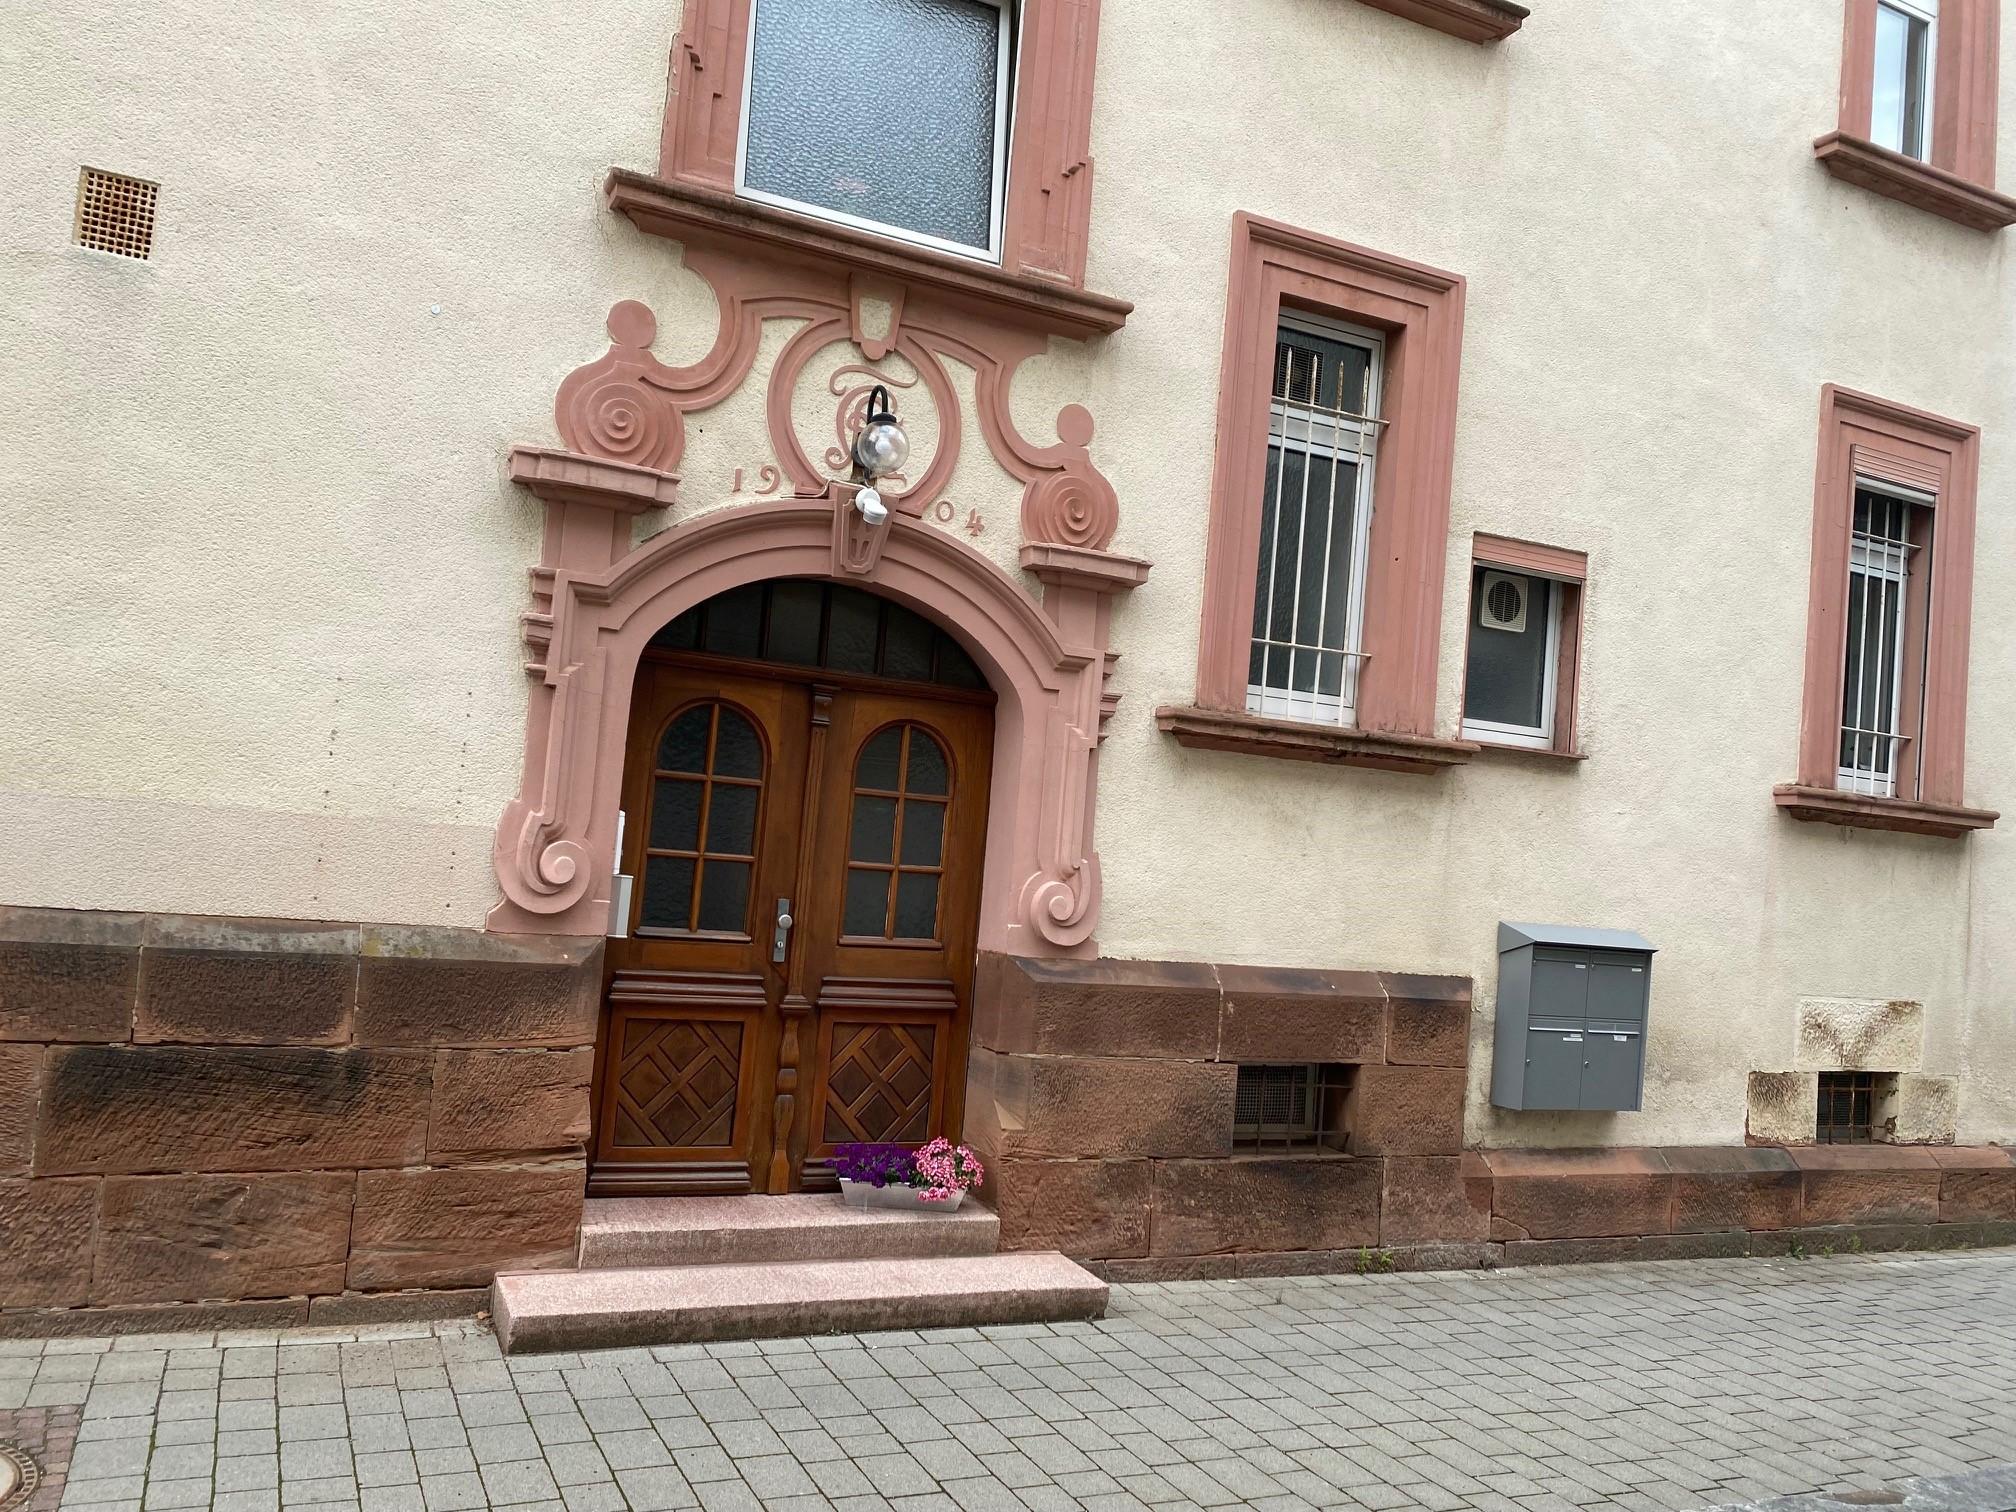 Kirchenbüro I Bildquelle: Sarah Mohr